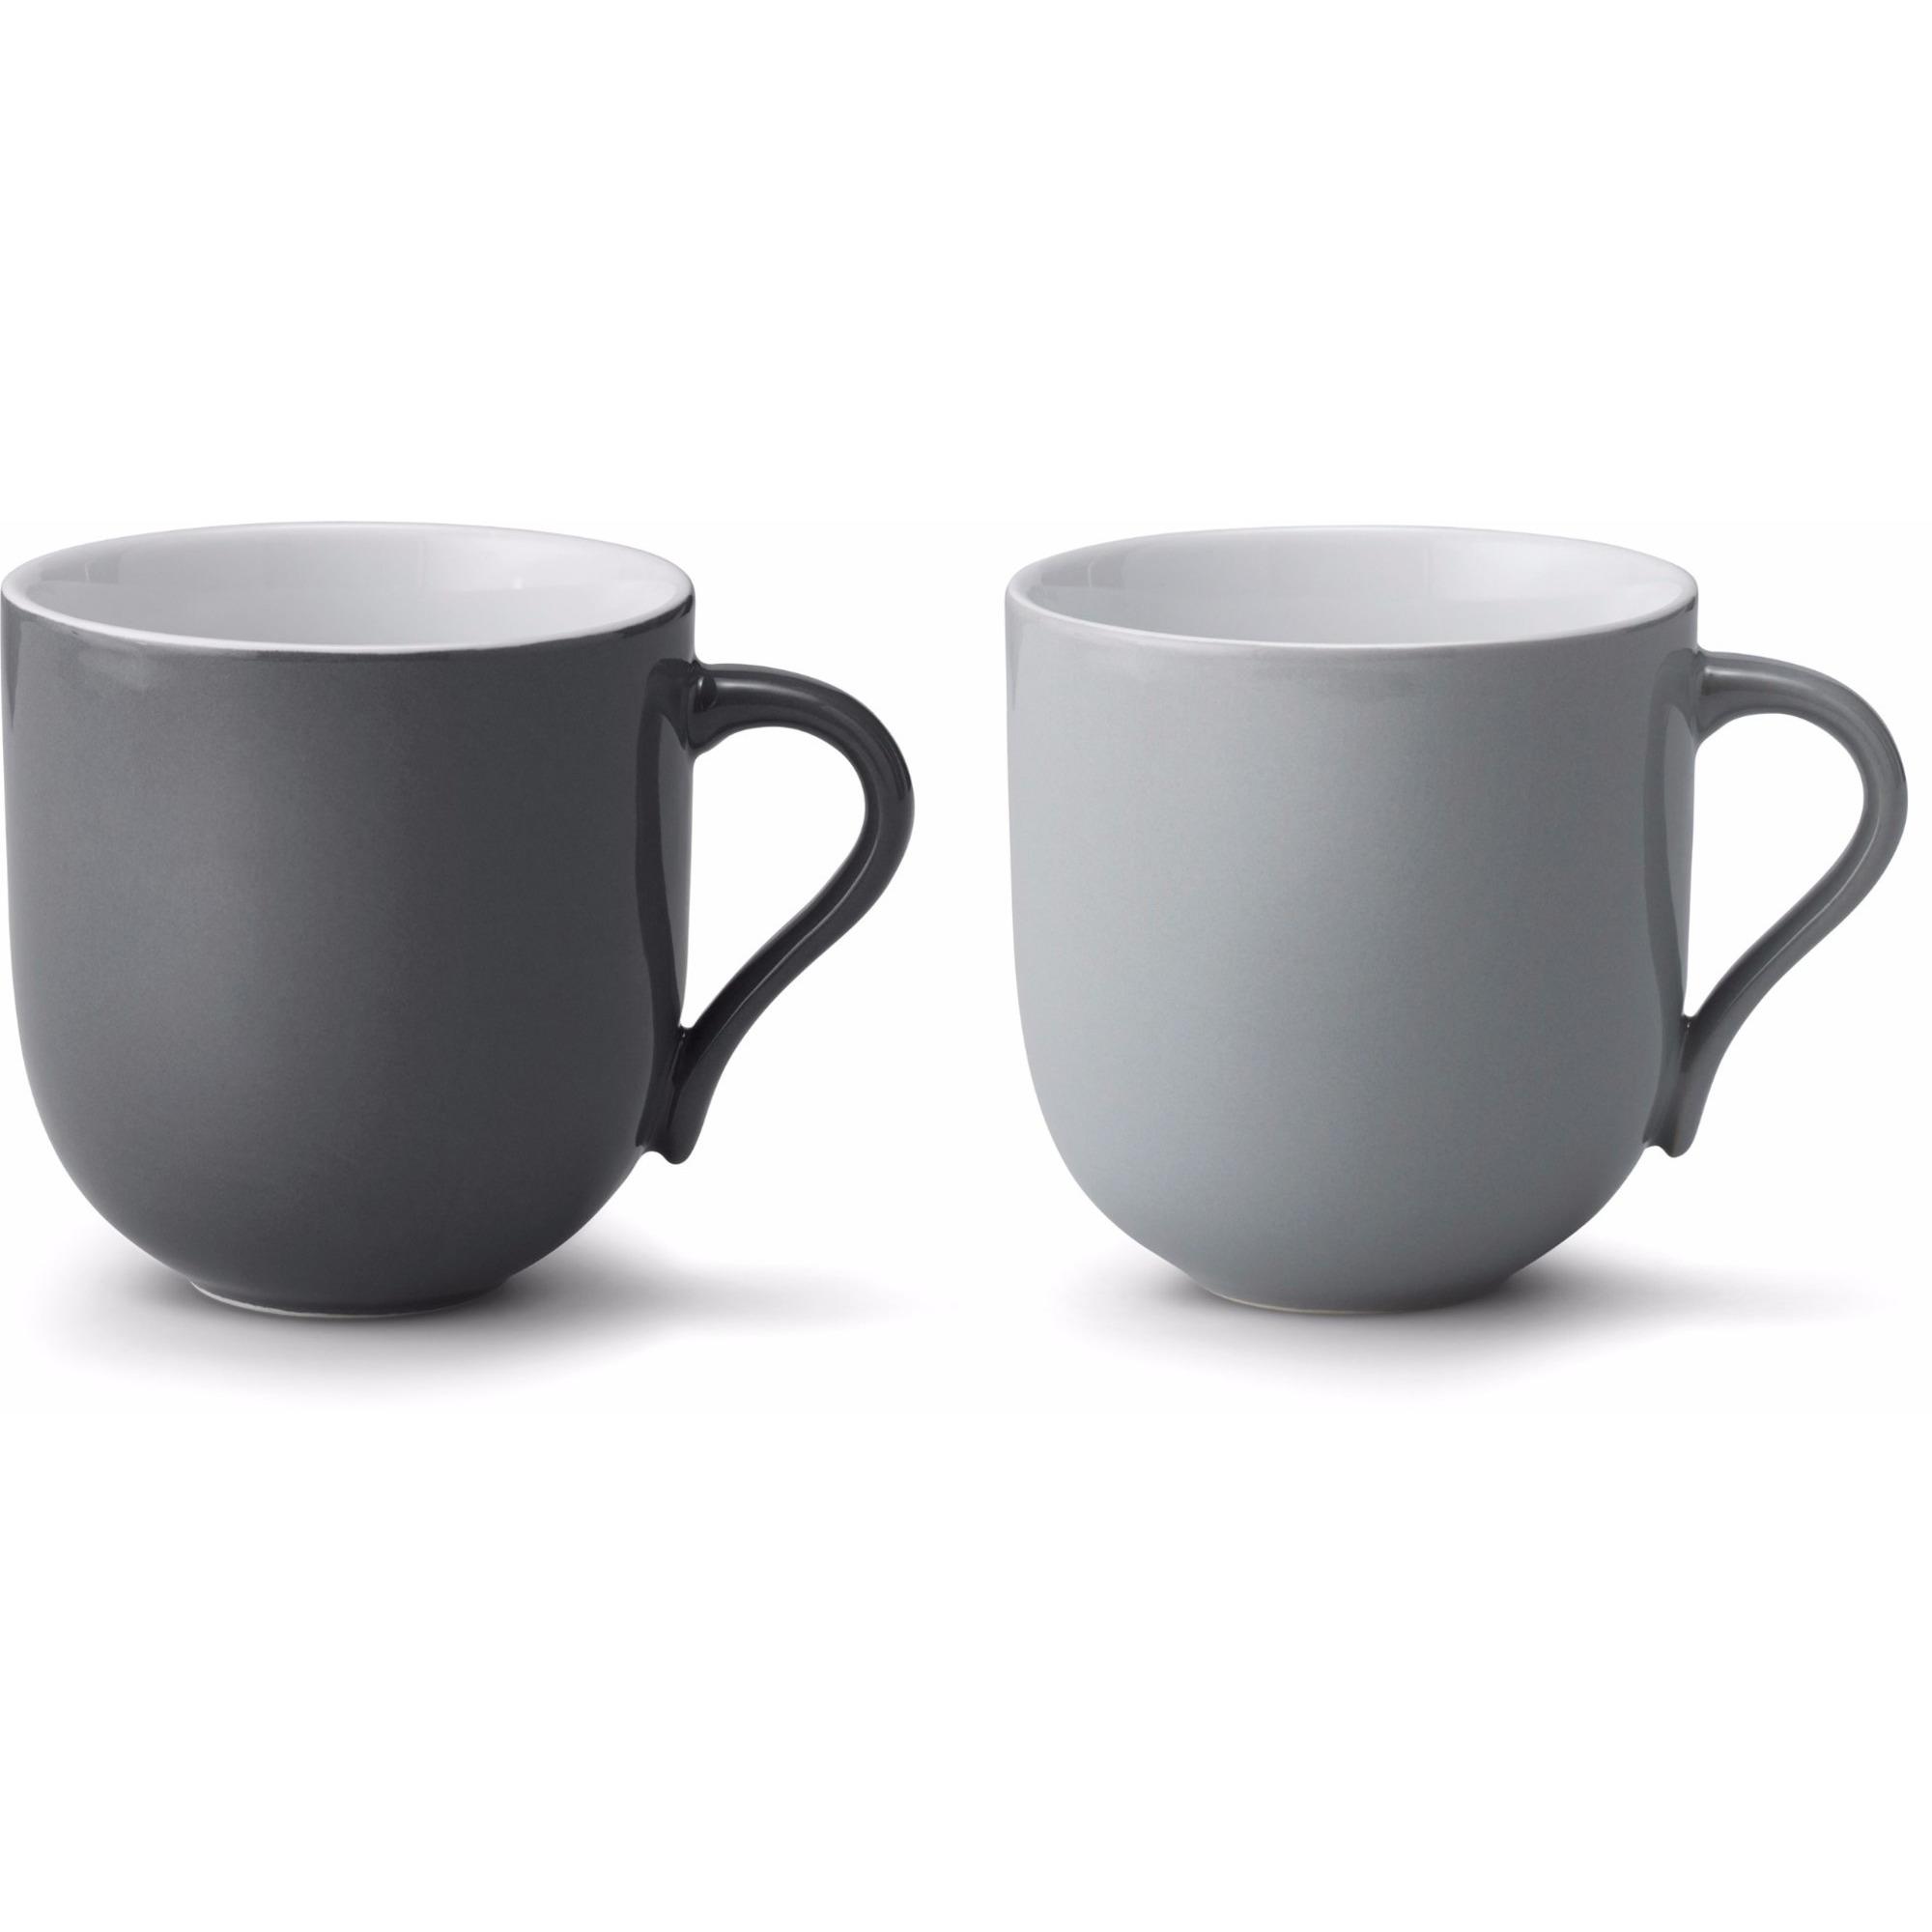 Stelton Emma mugg stor 2 st – grå